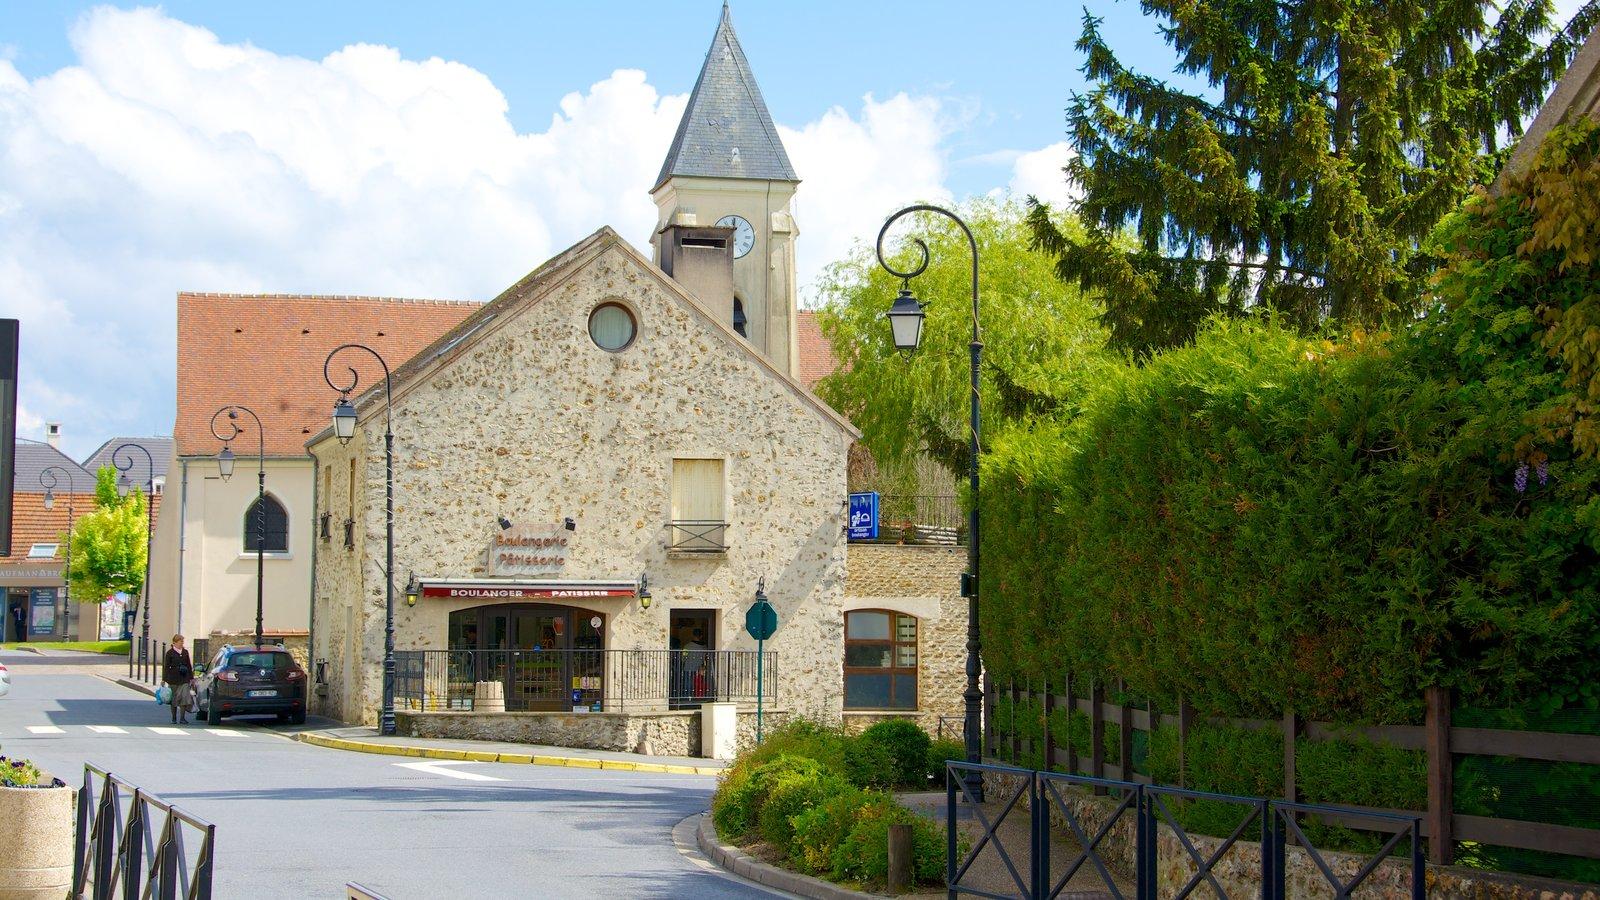 Magny-le-Hongre que inclui arquitetura de patrimônio, cenas de rua e uma cidade pequena ou vila